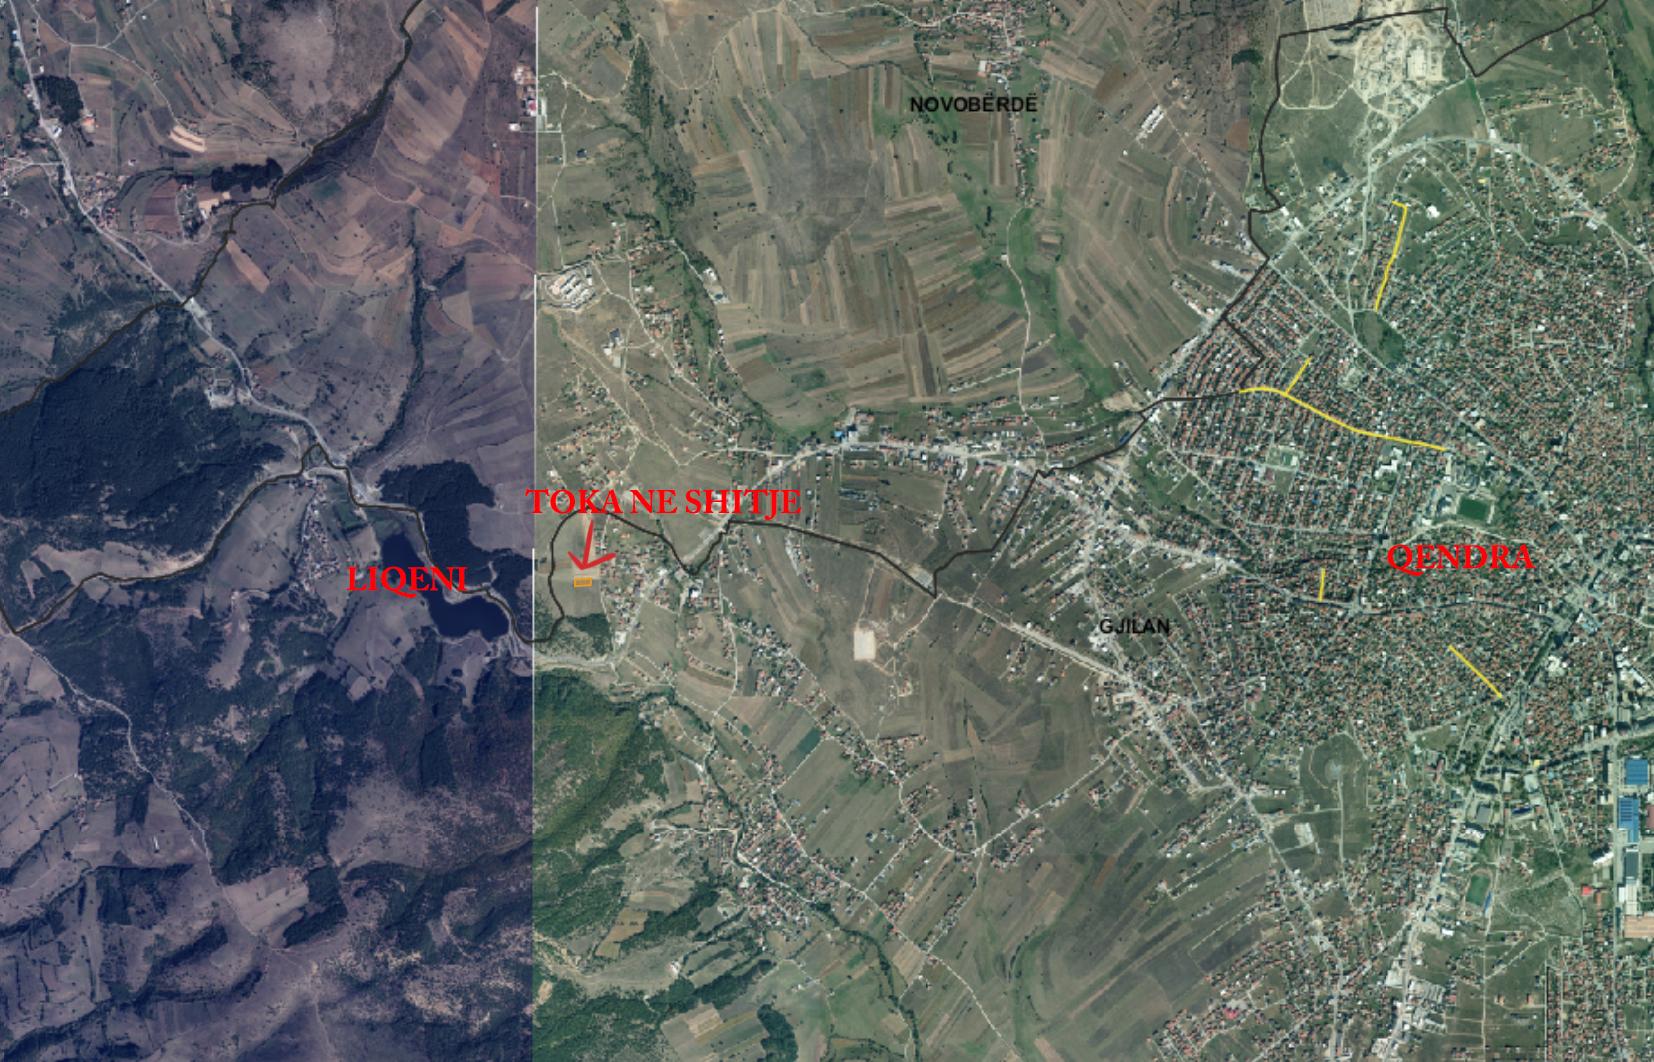 Shitet parcela 15.66ari në Livoq i Epërm – Gjilan